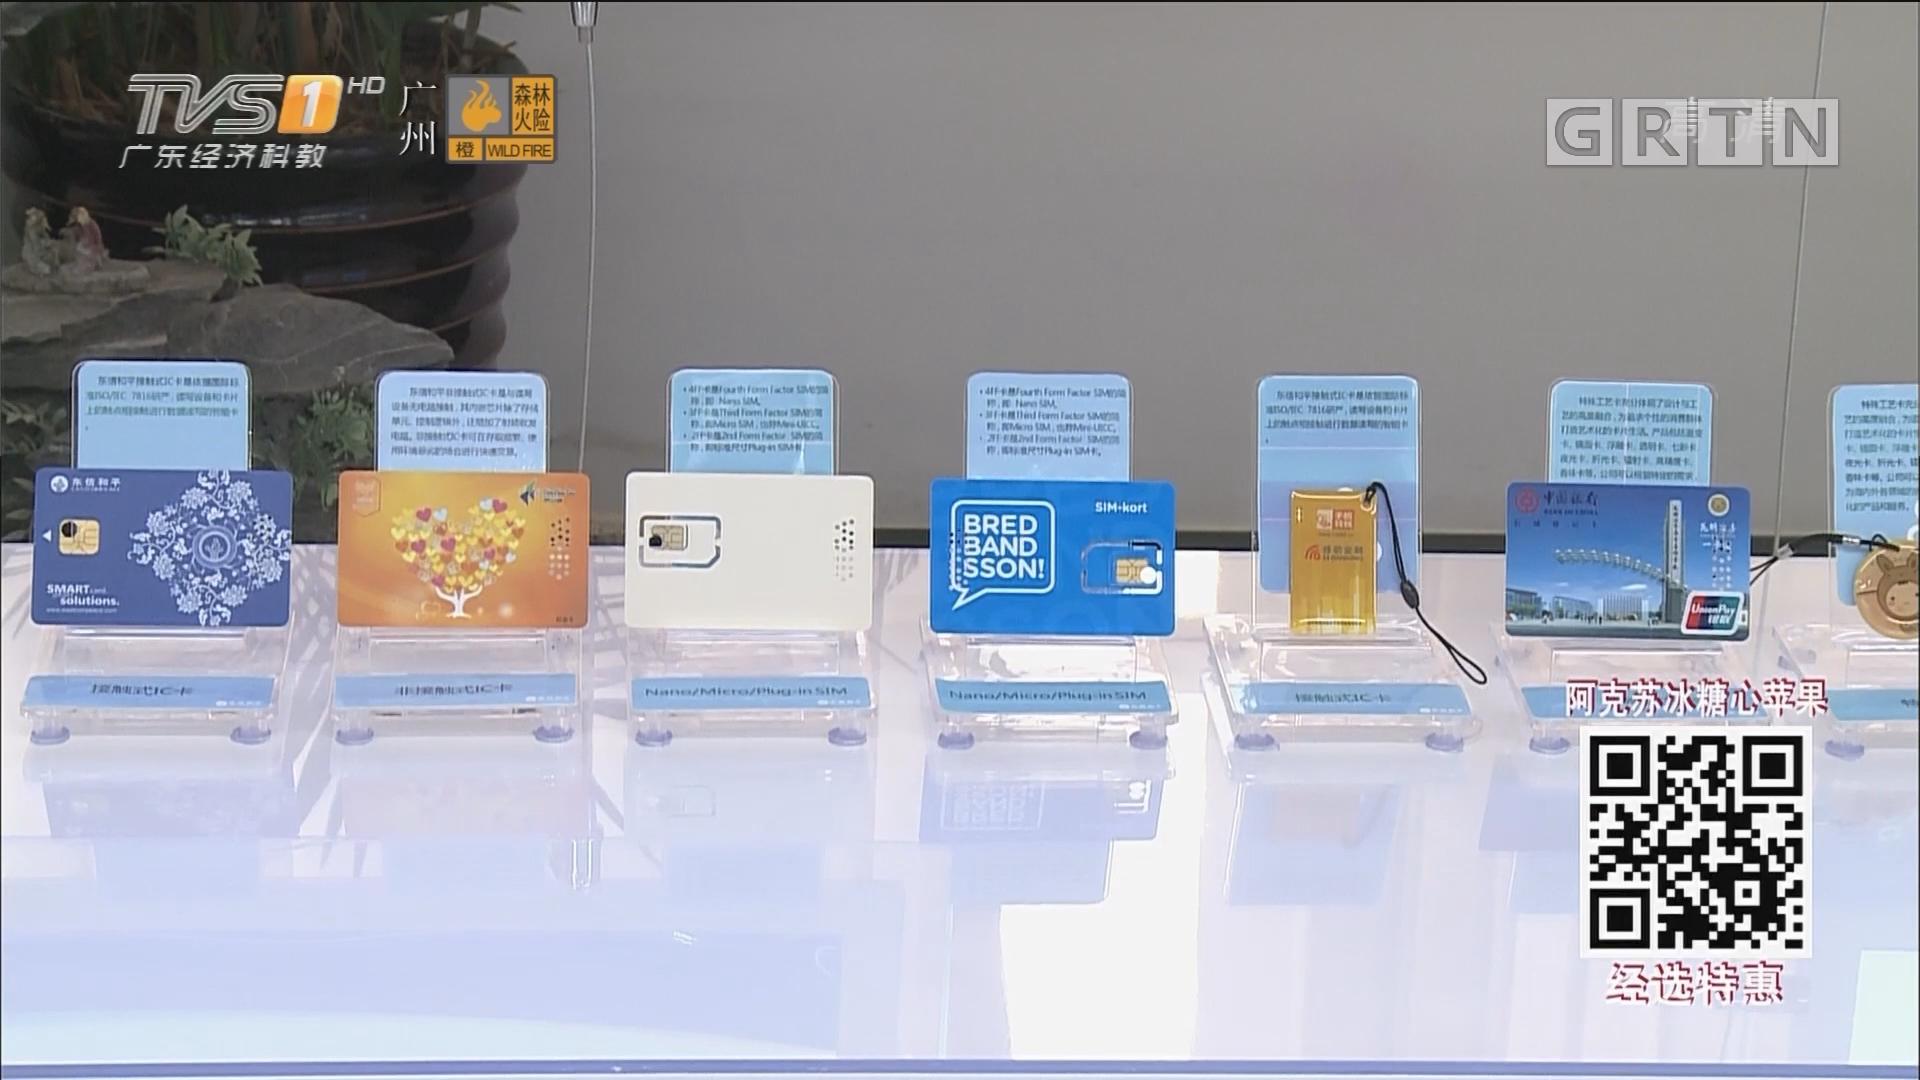 智能珠海 创新之路(一):东信和平 智能卡制造业的发展之路